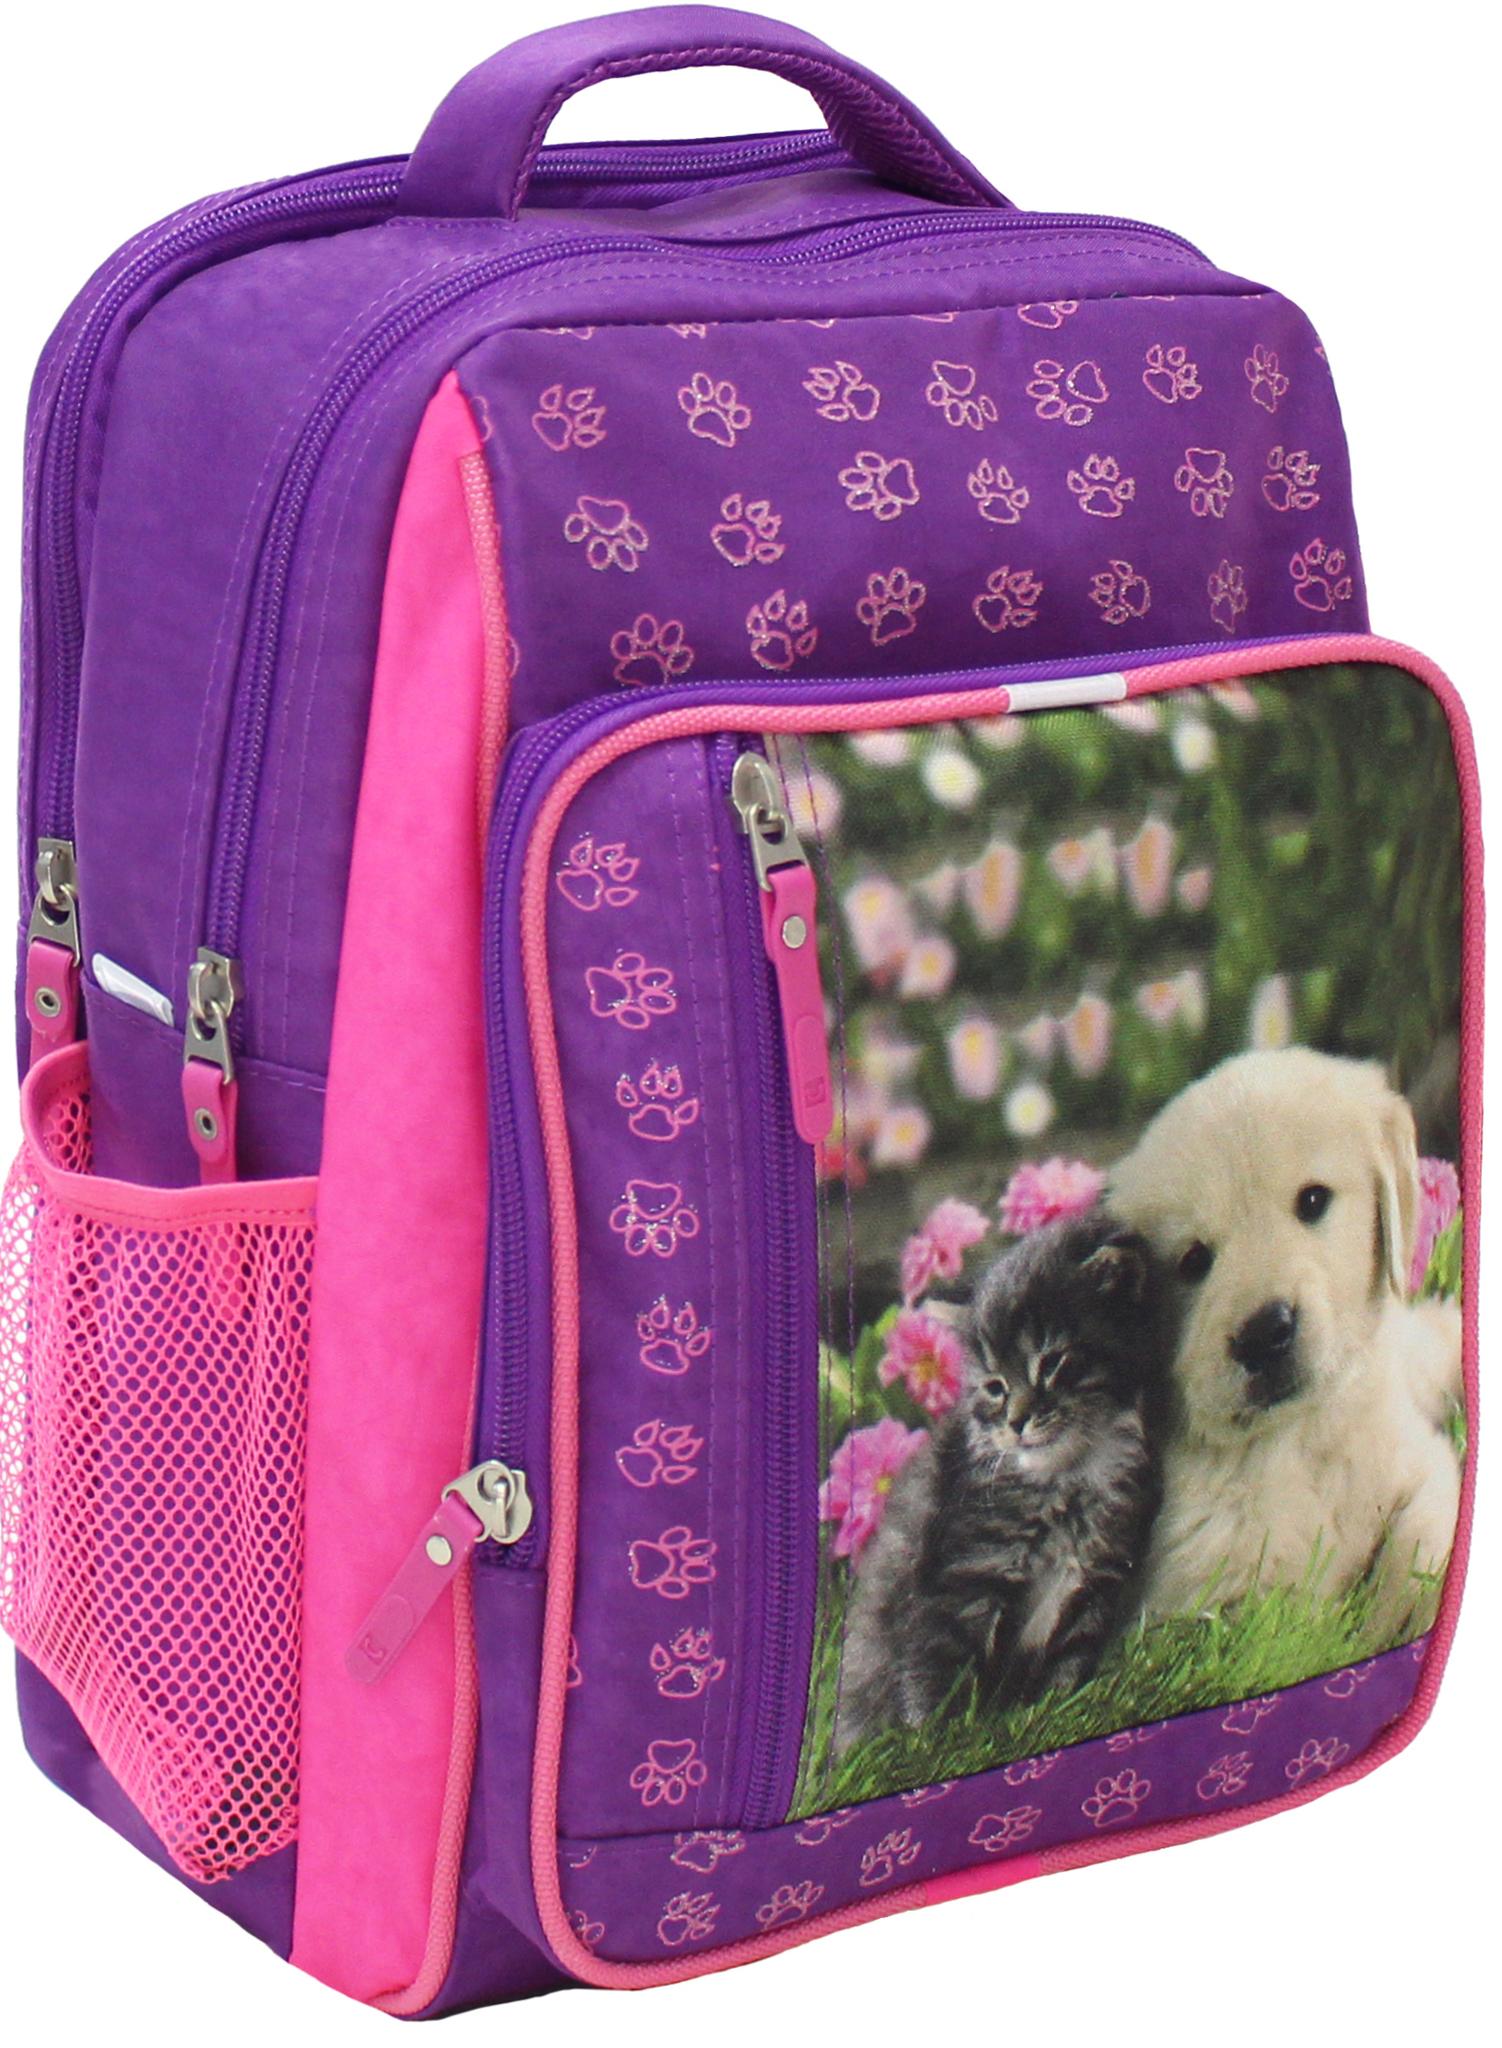 Школьные рюкзаки Рюкзак школьный Bagland Школьник 8 л. Фиолетовый 138д (00112702) IMG_5088.JPG